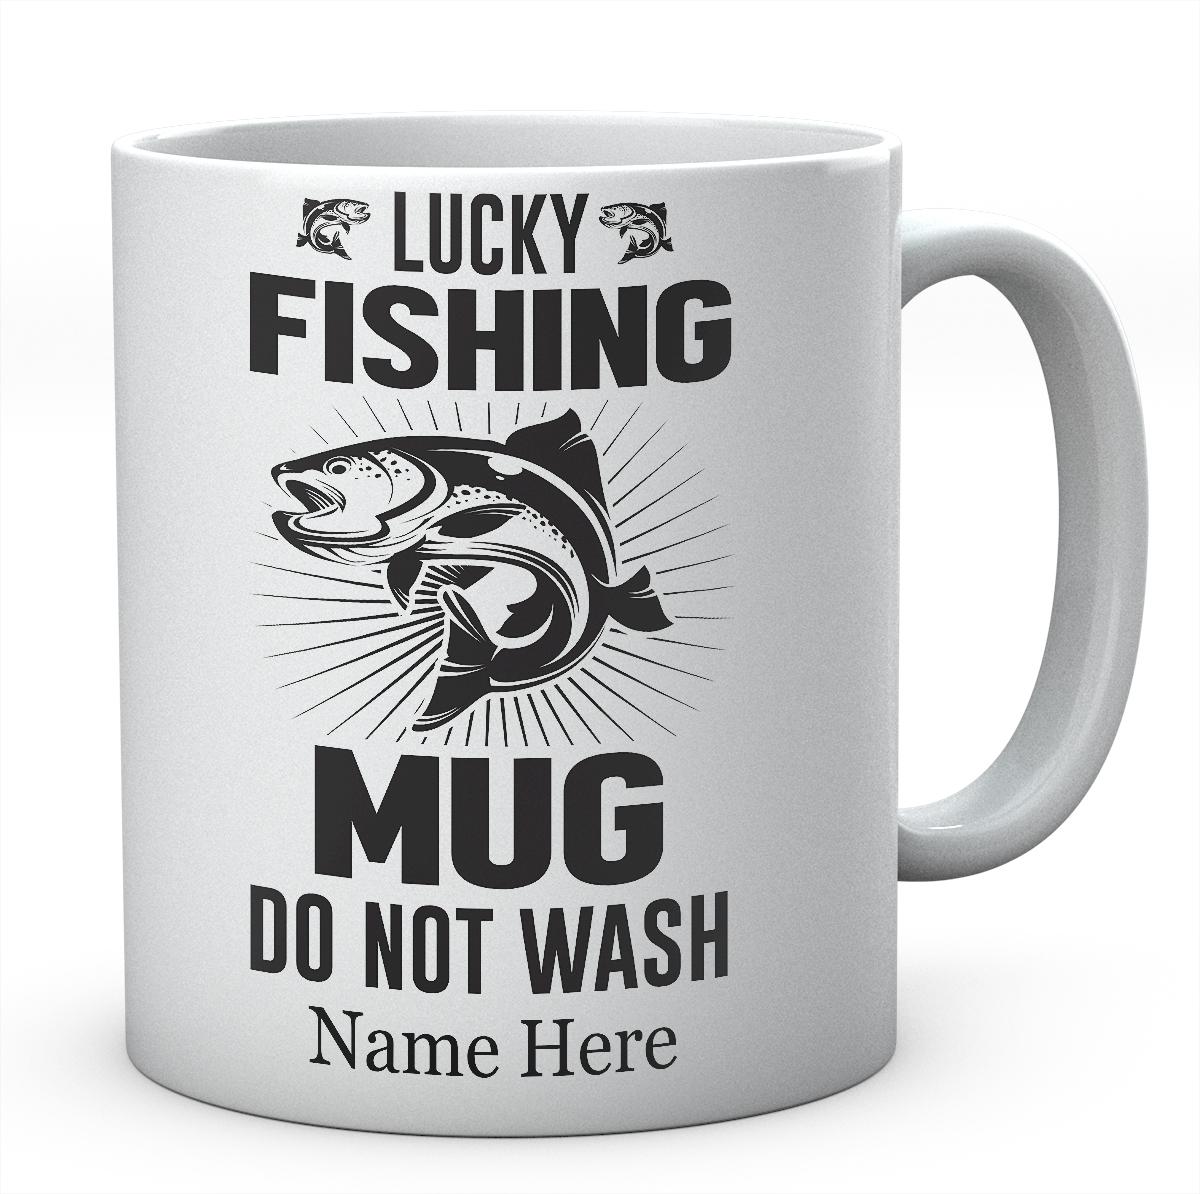 Lucky Fishing Mug, Do Not Wash